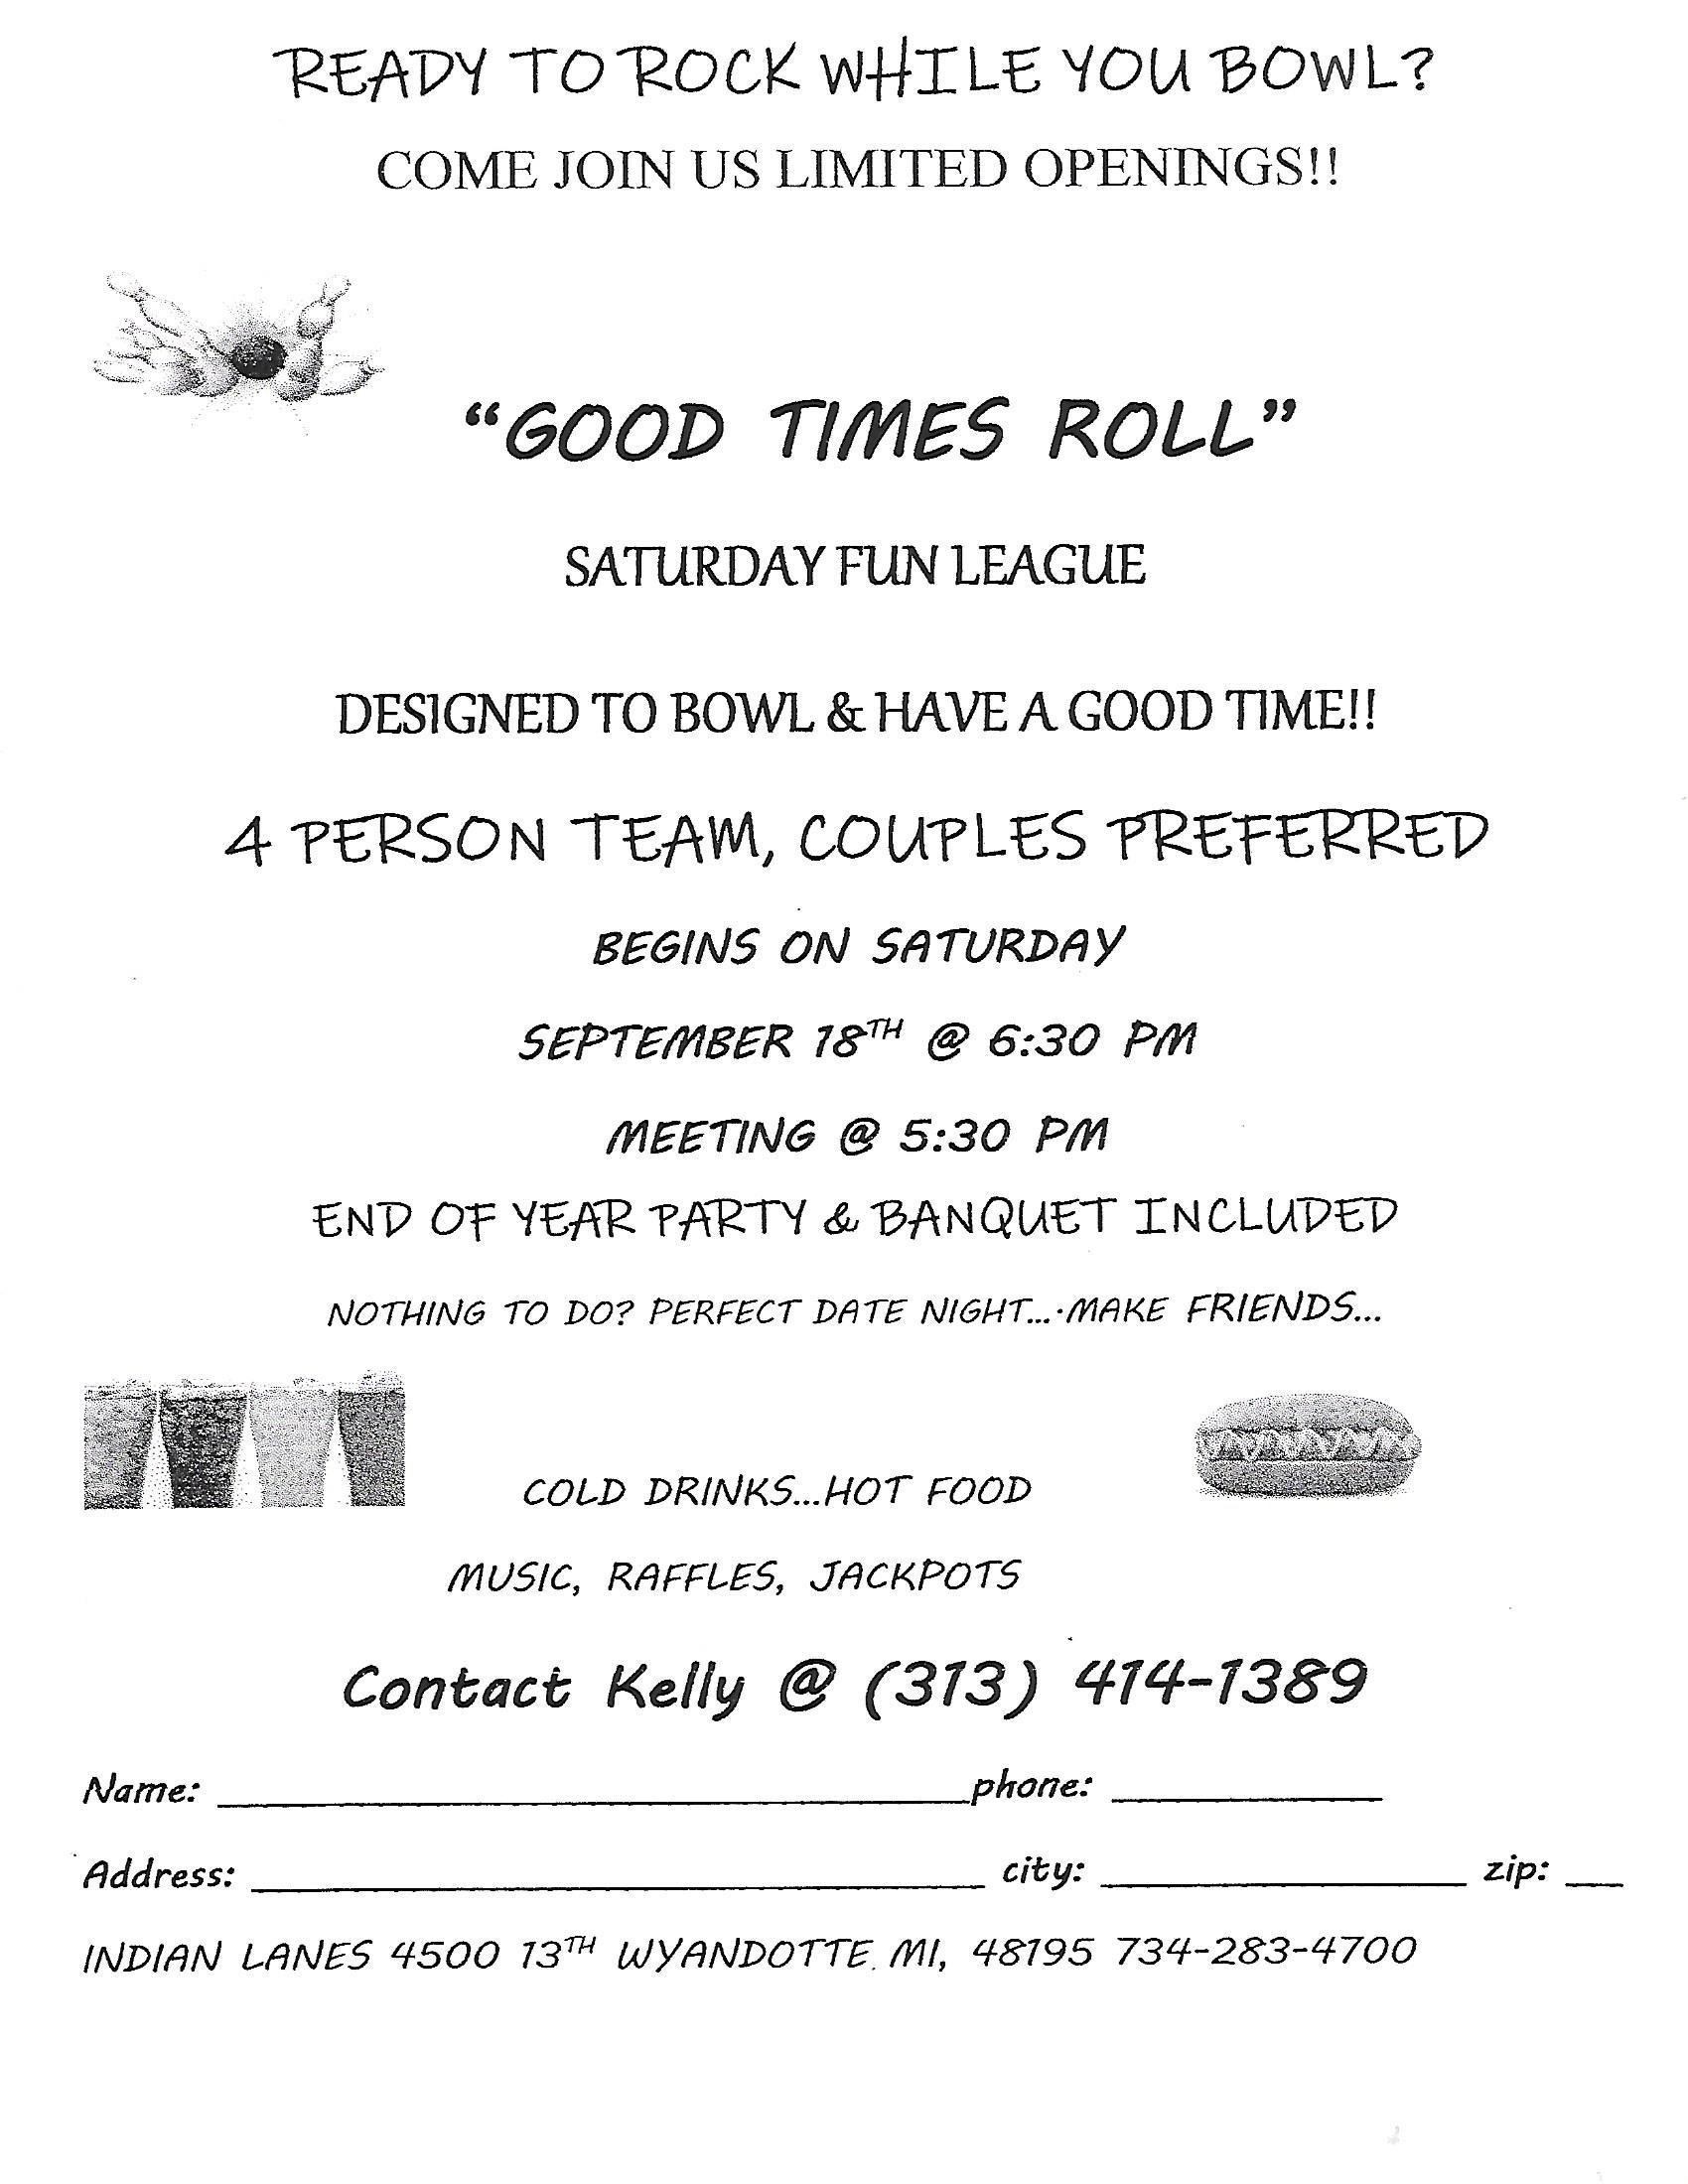 Good-Times-Roll-Saturday